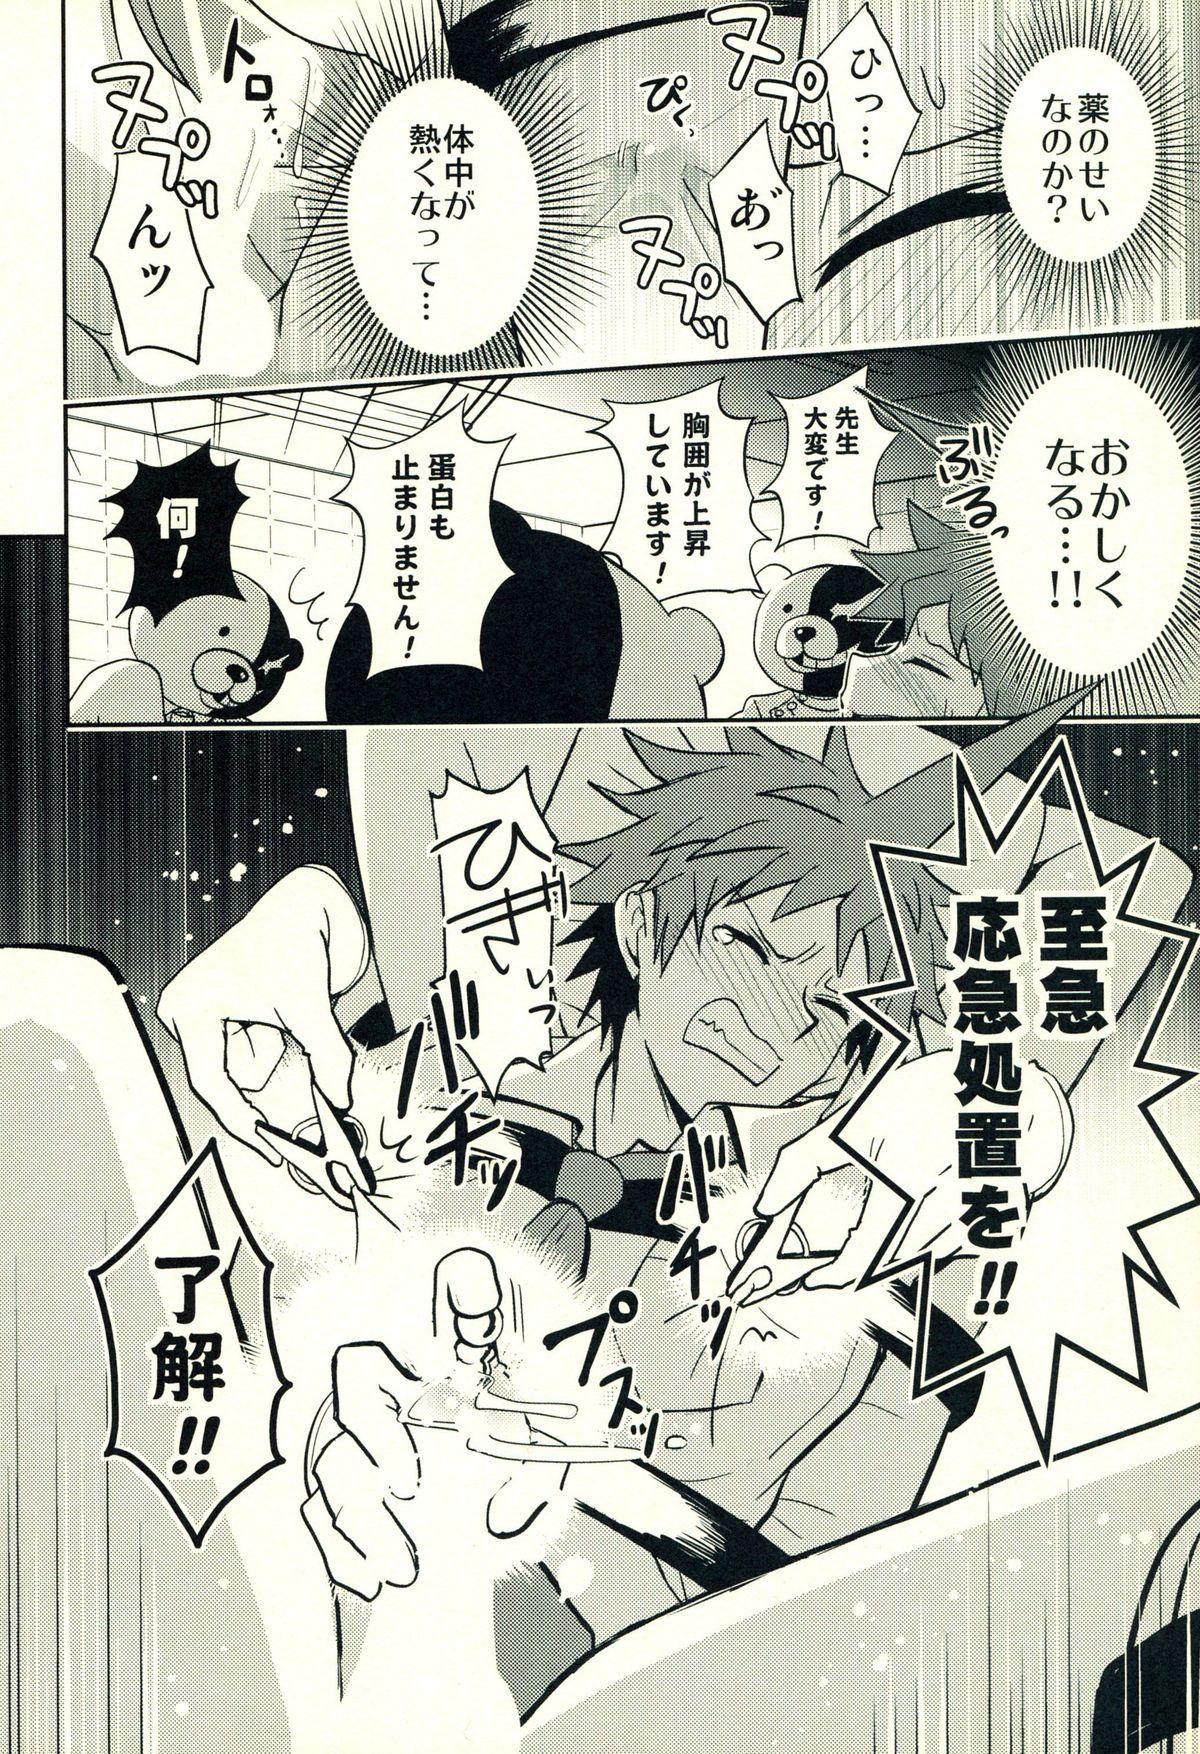 Hinata Hajime no Himitsu no Jikan 54